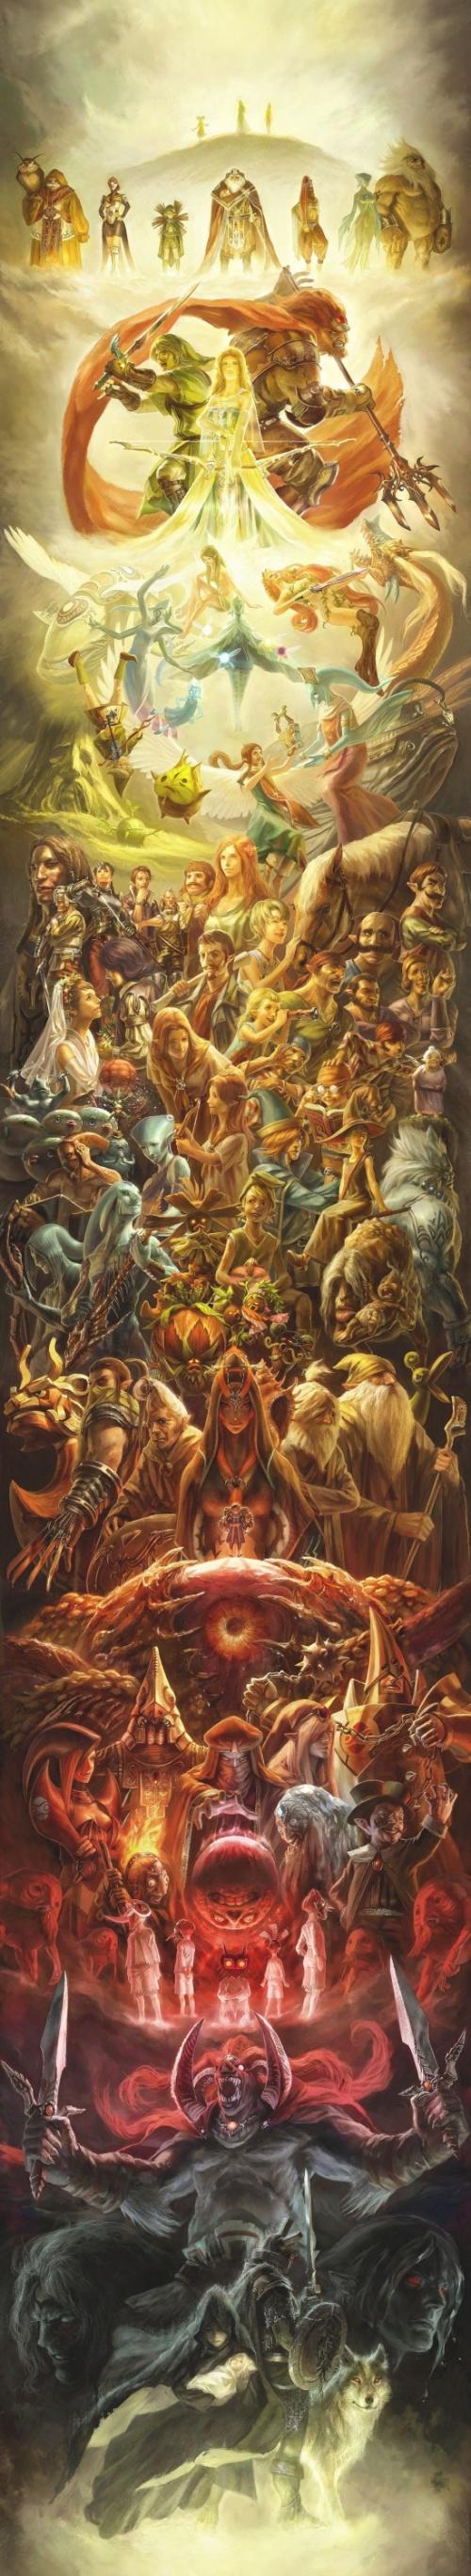 Une Illustration géante pour les 25 ans de Zelda !